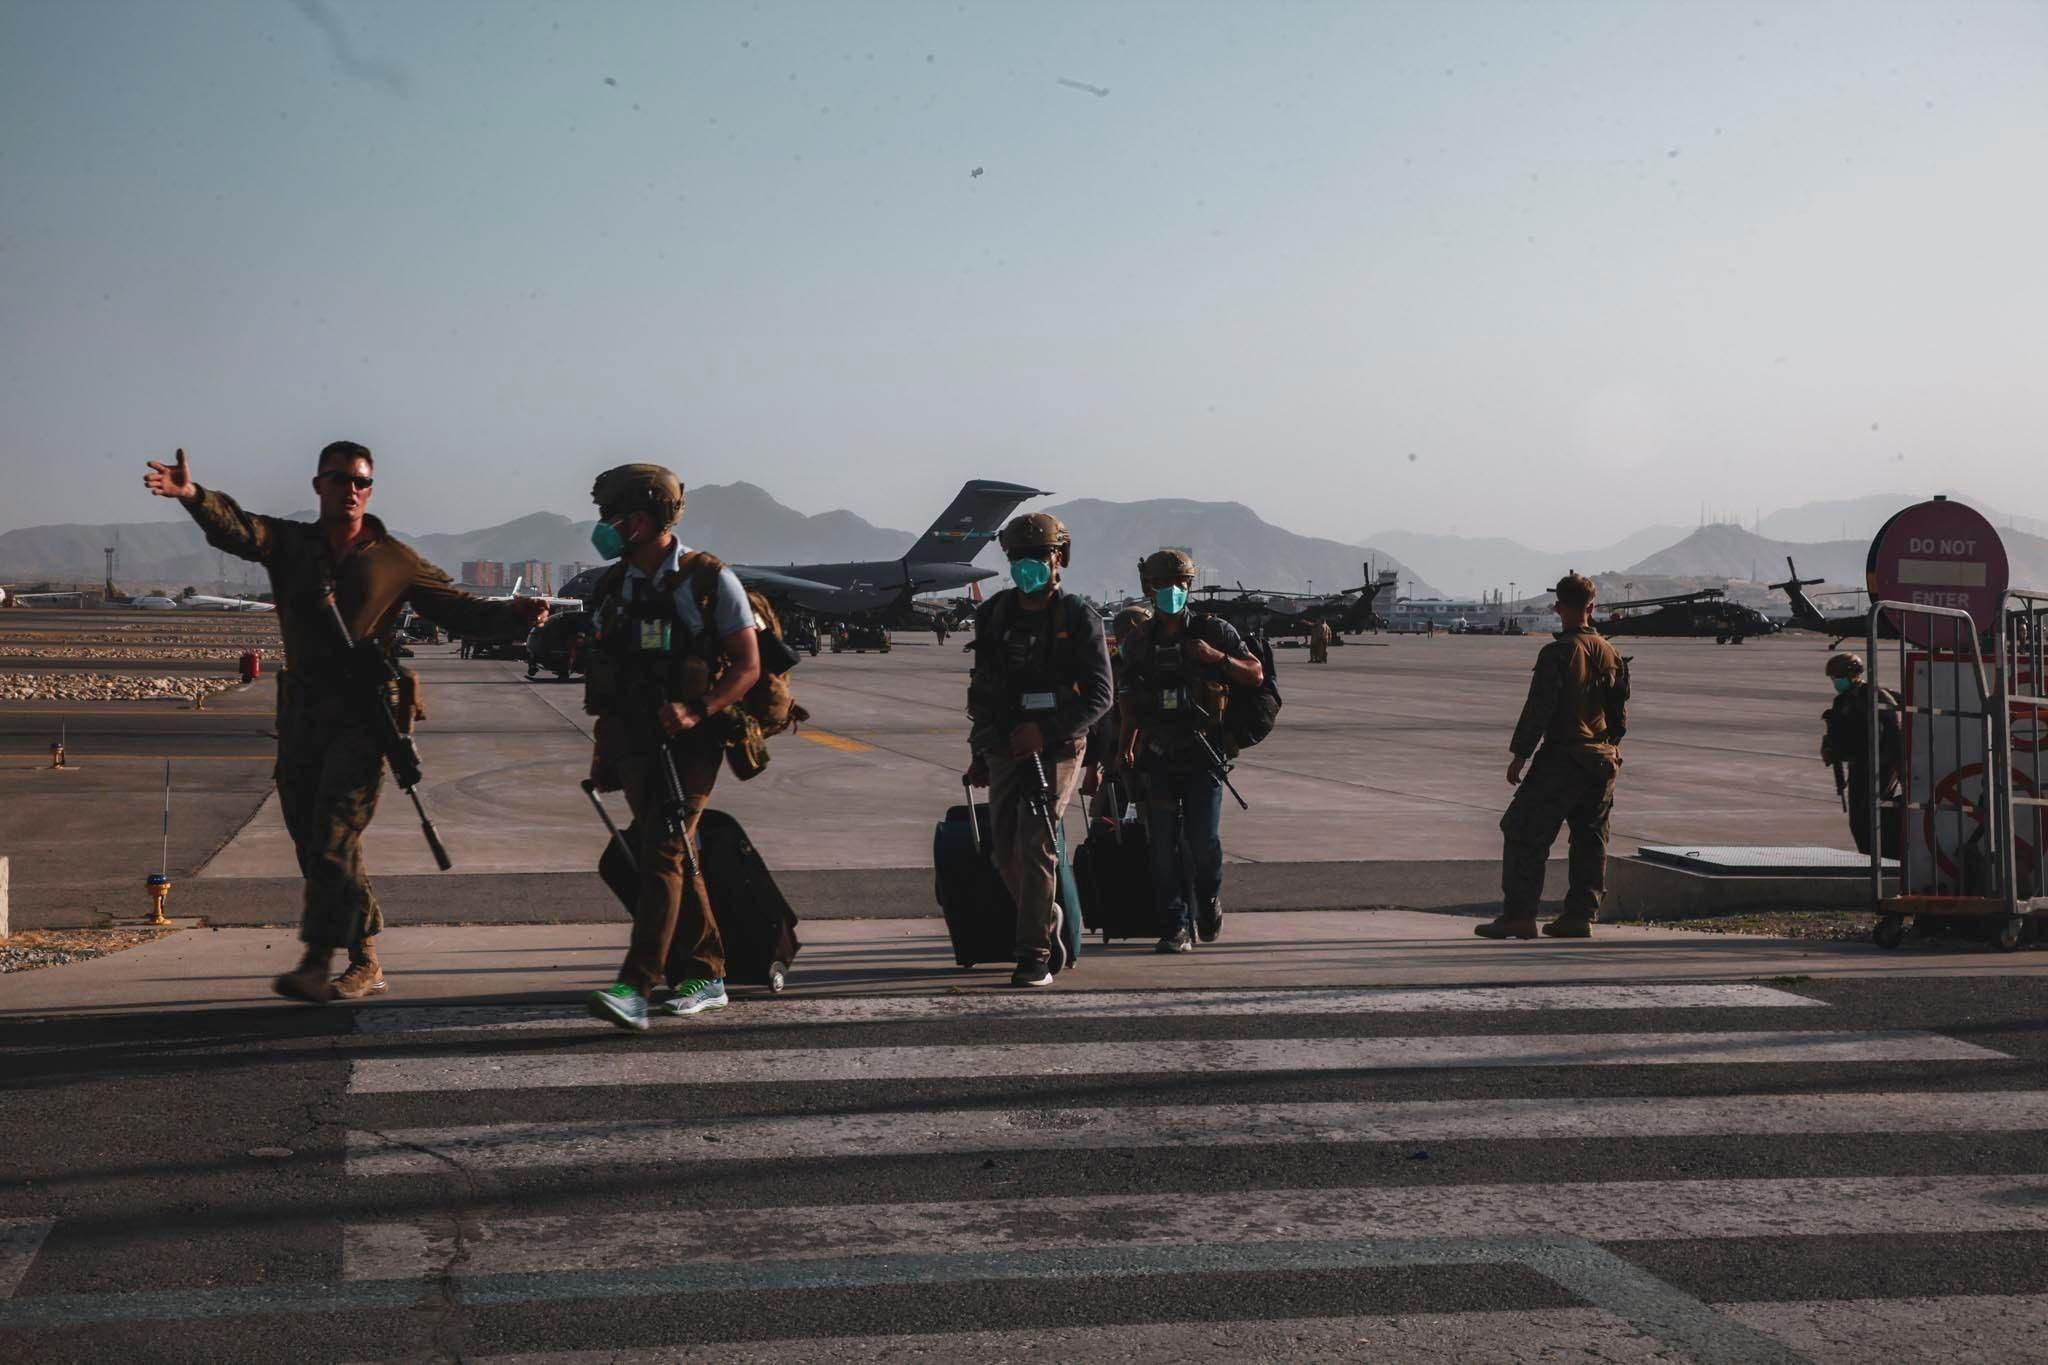 أحد أفراد مشاة البحرية الأميركية يرافق أفراد وزارة الخارجية من أجل الإجلاء في مطار حامد كرزاي الدولي بكابل (أرشيفية من رويترز)